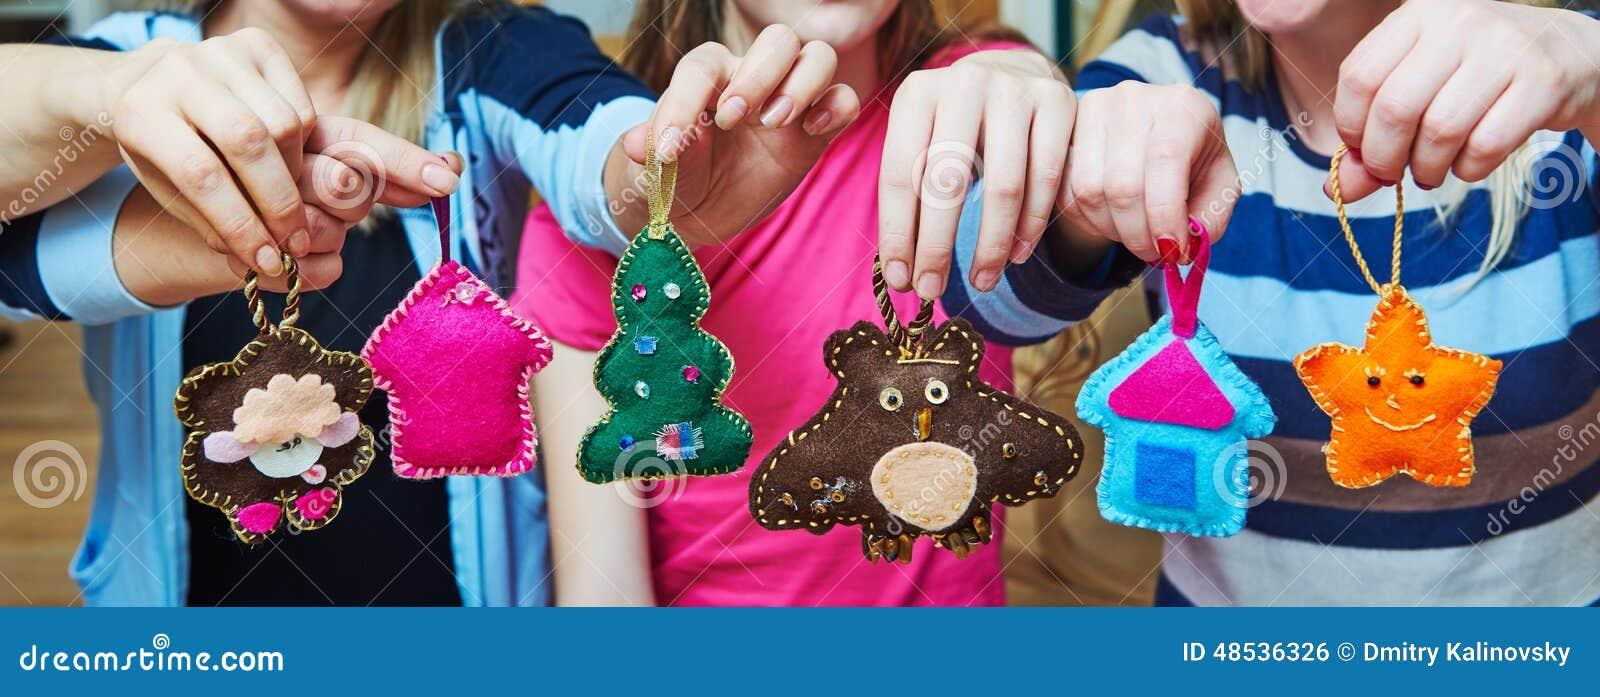 Ręcznie robiony odczuwana choinki dekoracja